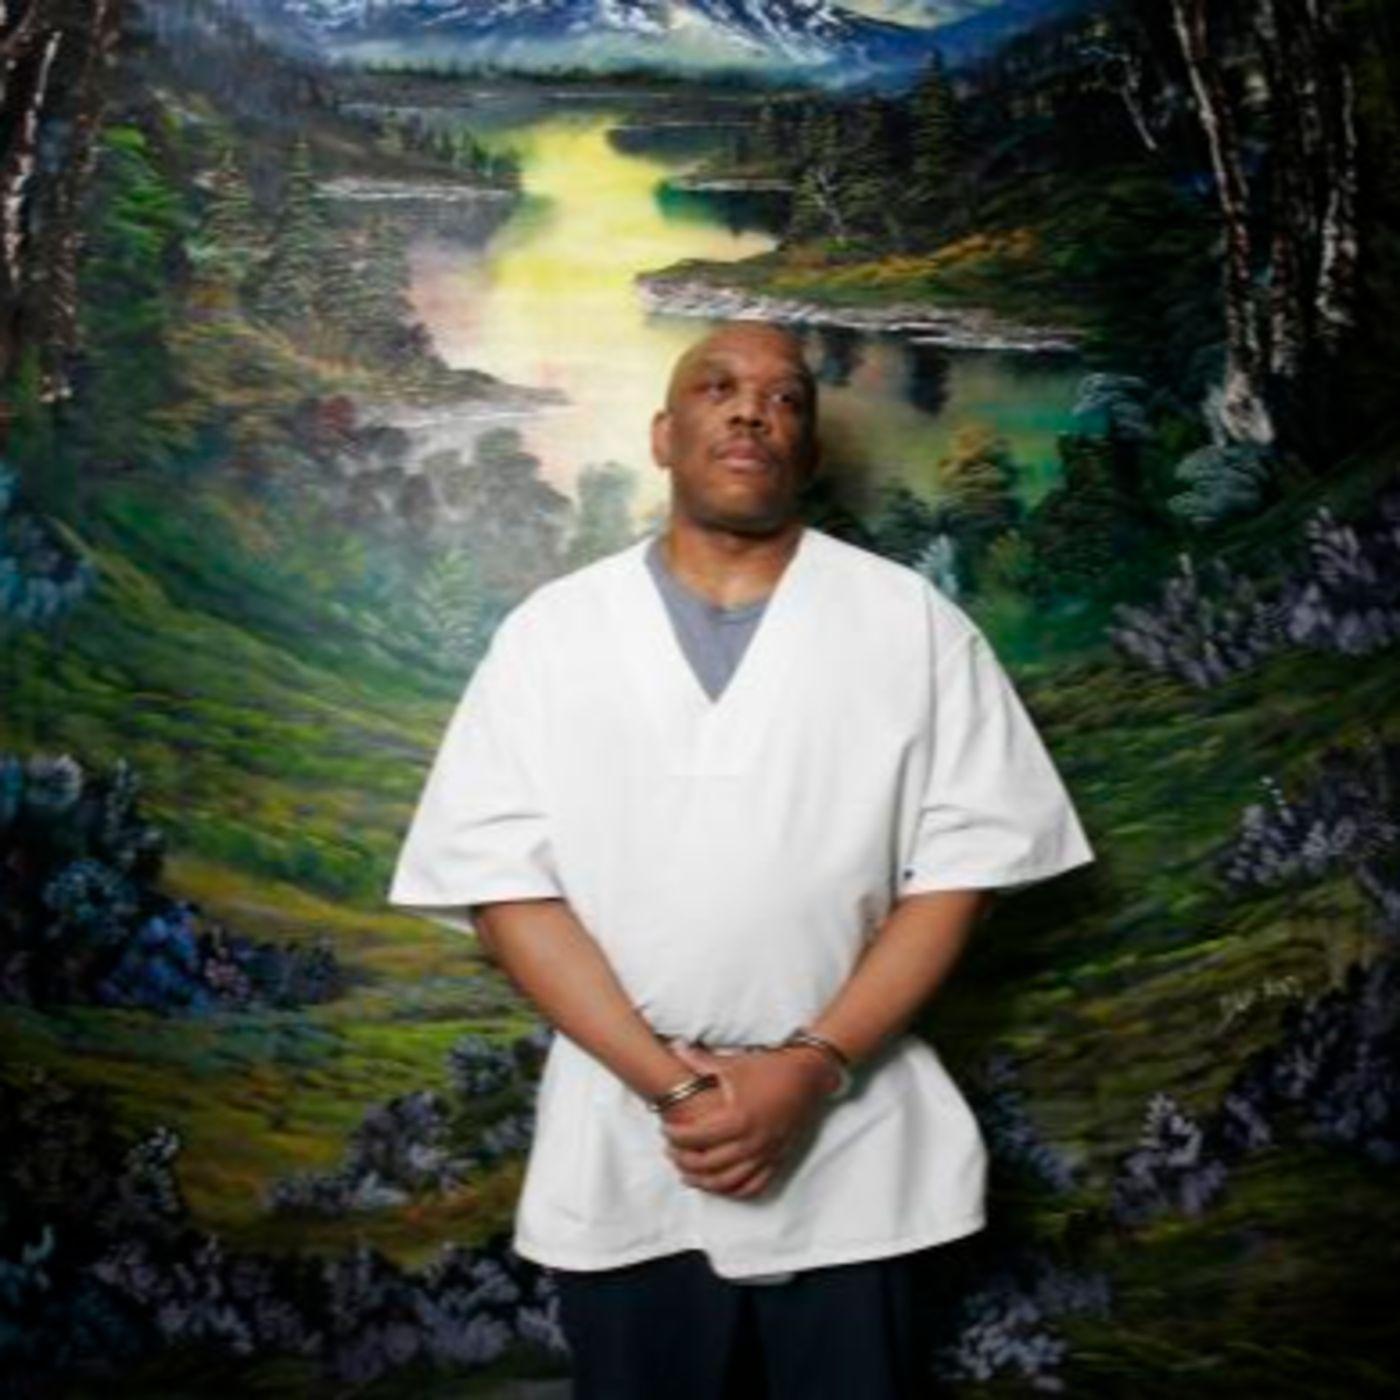 Interview with Ohio murderer Jeffrey Hill